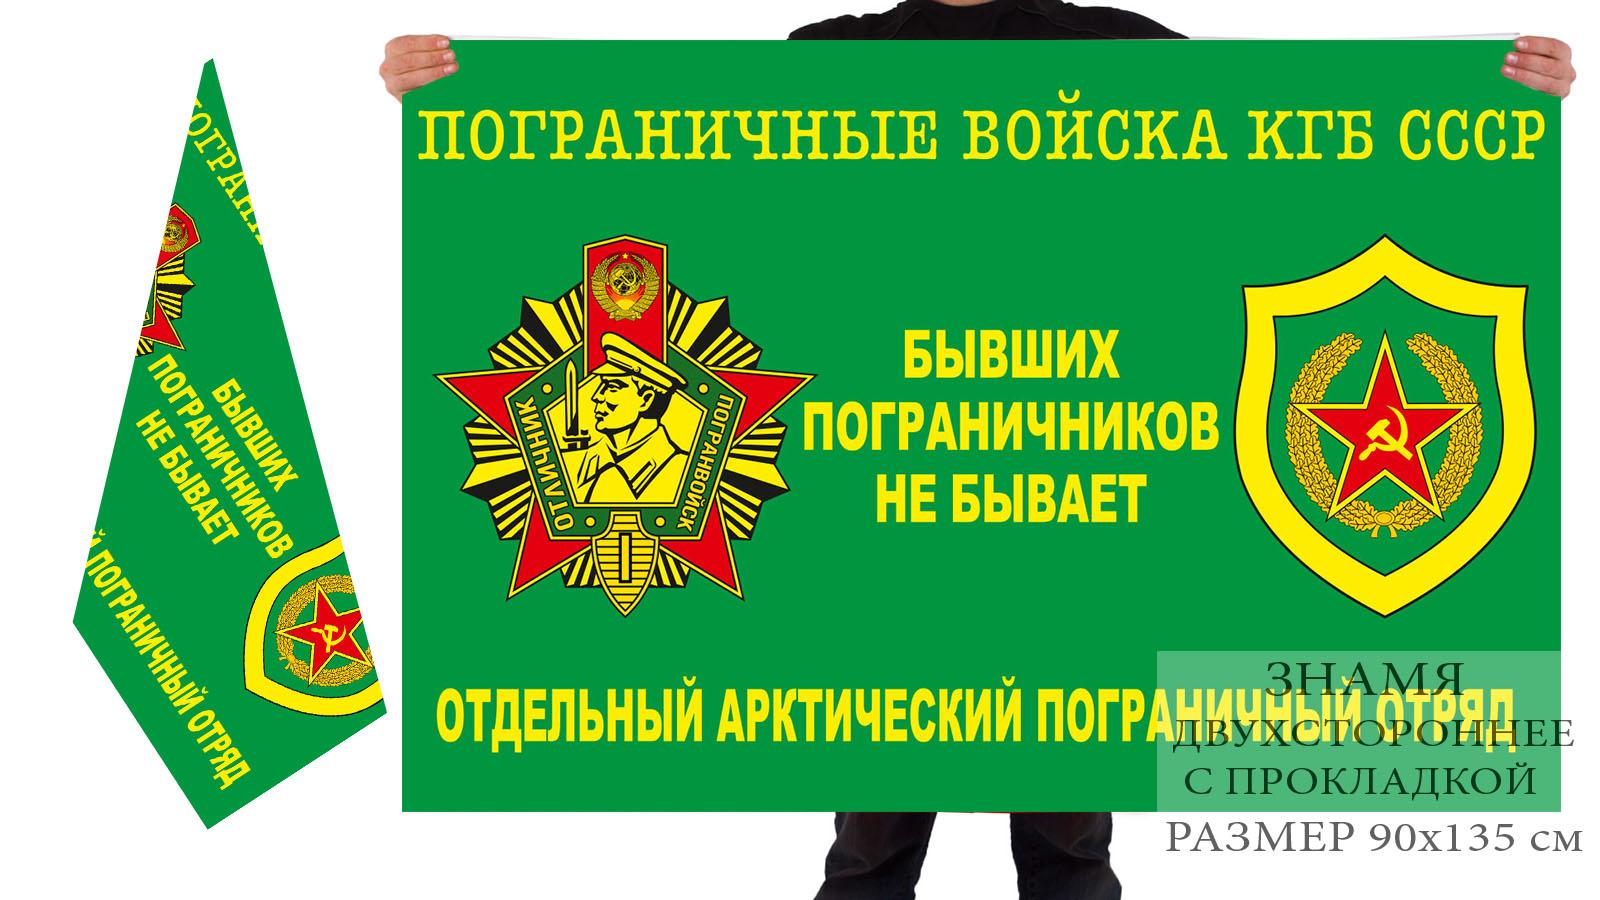 Двусторонний флаг отдельного Арктического погранотряда КГБ СССР